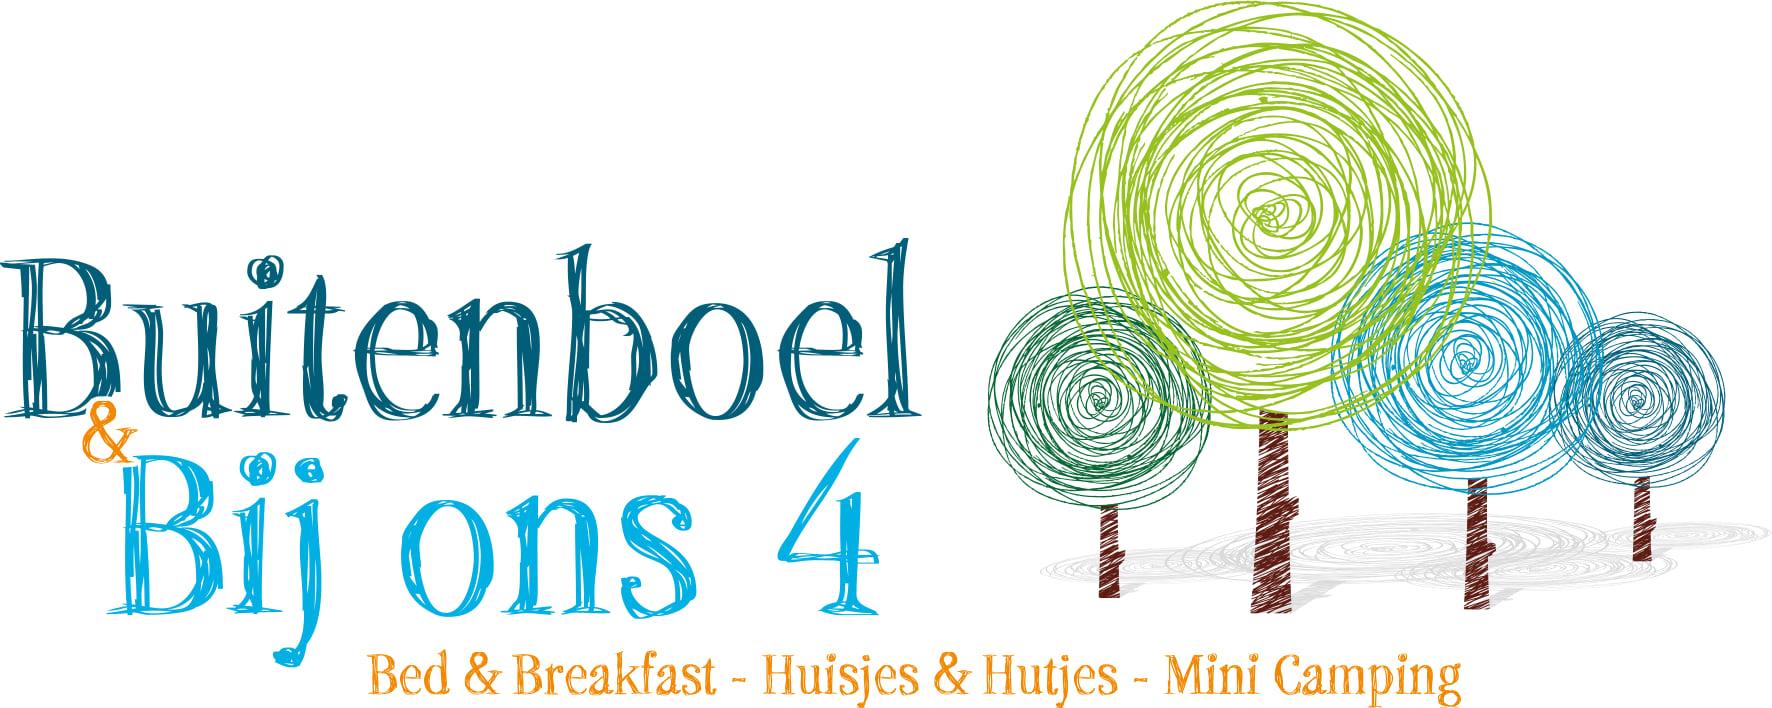 Buitenboel Bijons4